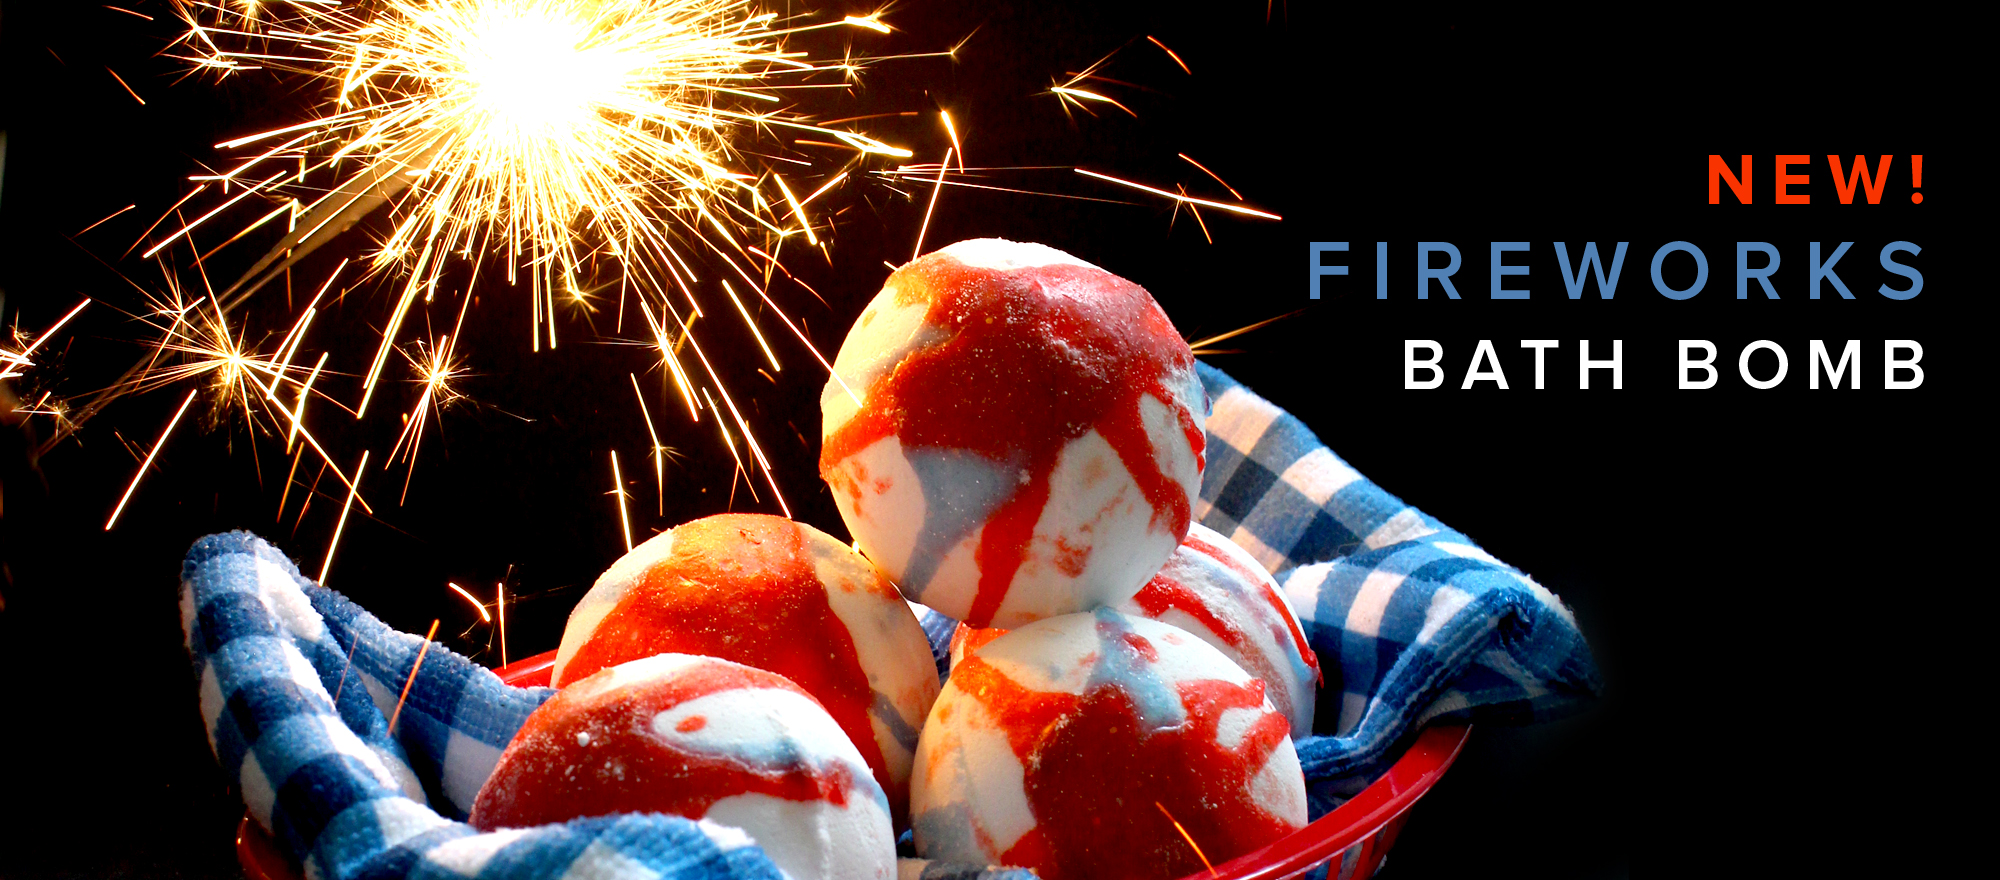 NEW Fireworks Bath Bomb